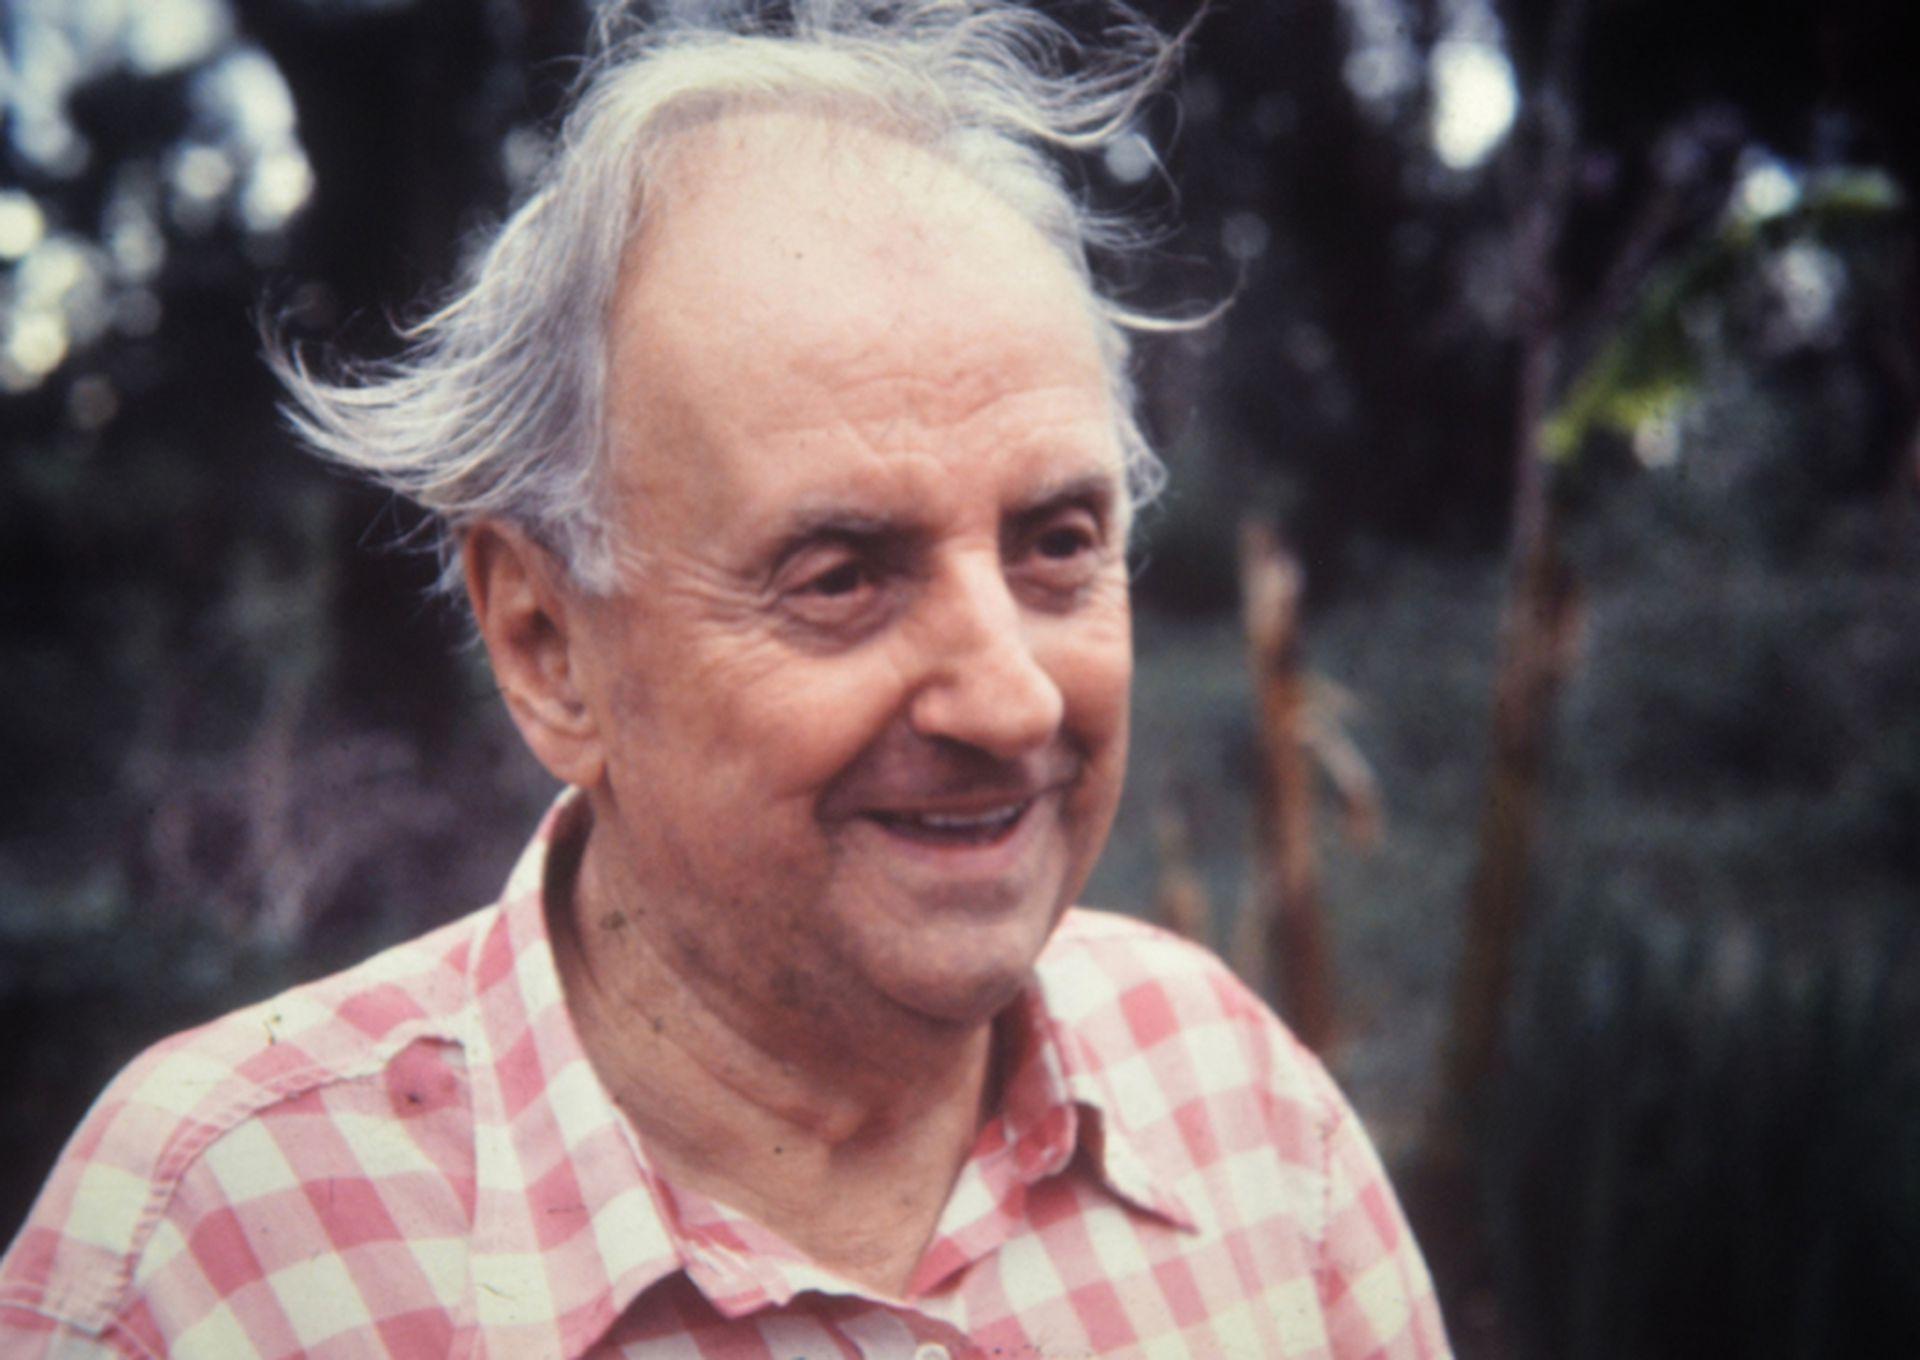 Desde el comienzo del Proyecto Huemul, Richter mostró una personalidad más propia de un chiflado que de un científico